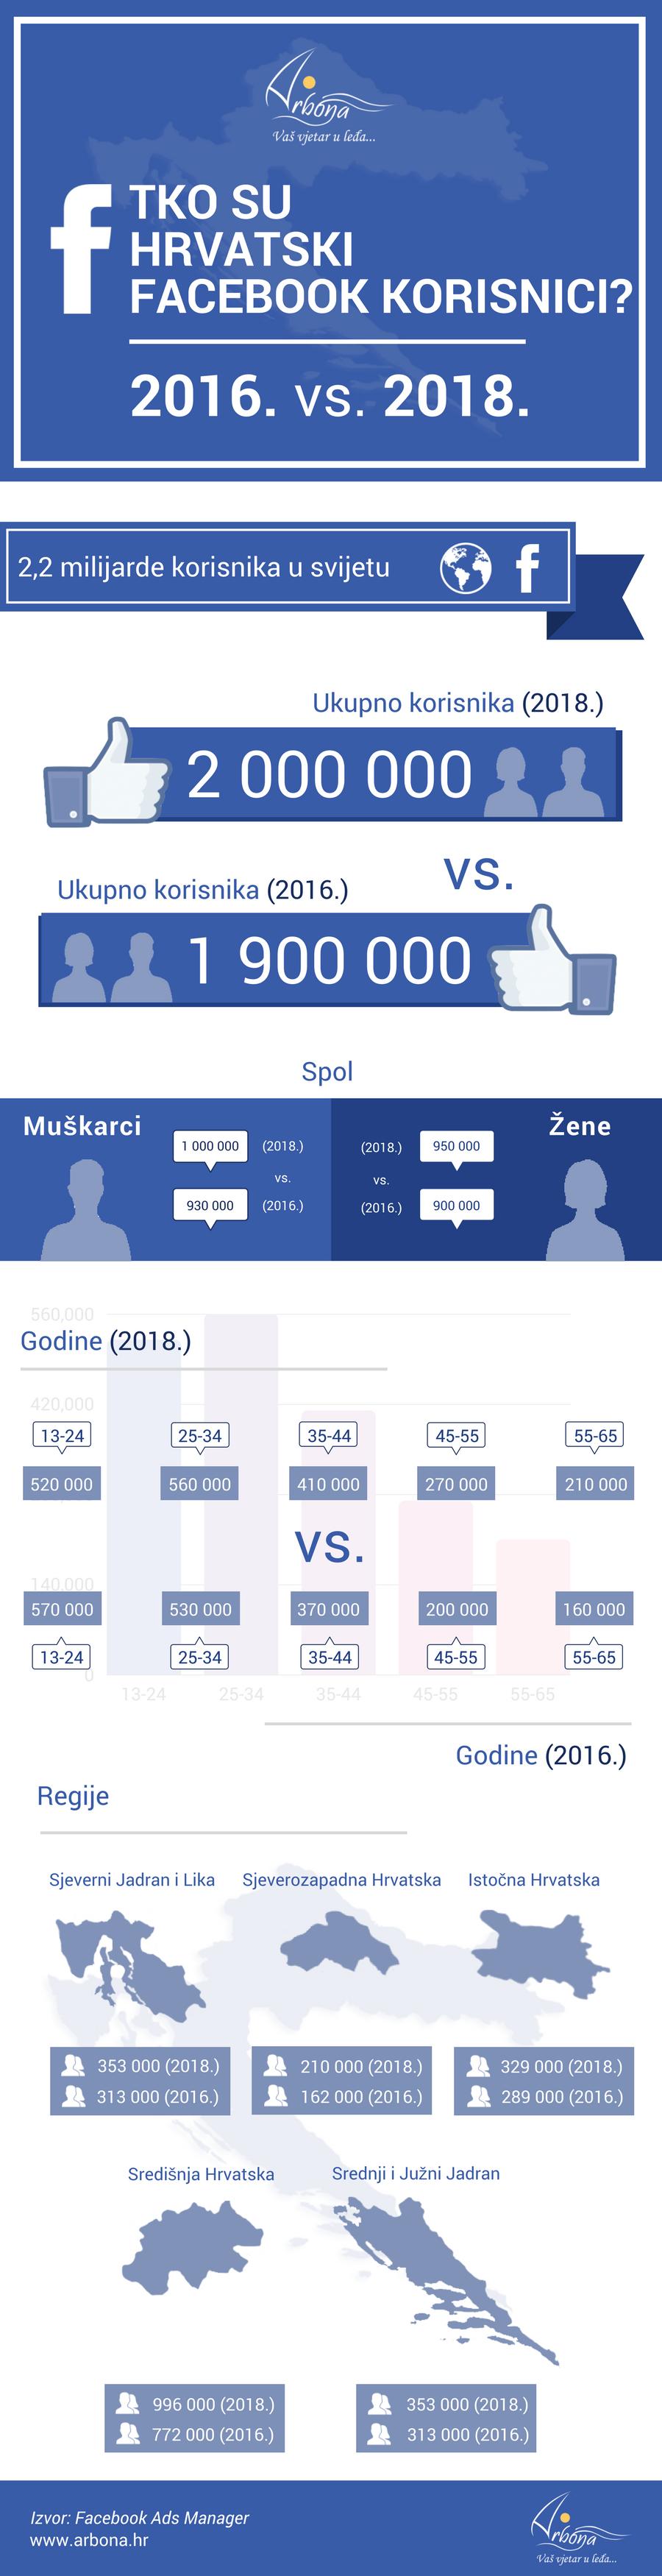 Arbona infografika: Tko su hrvatski Facebook korisnici 2018. vs. 2016.